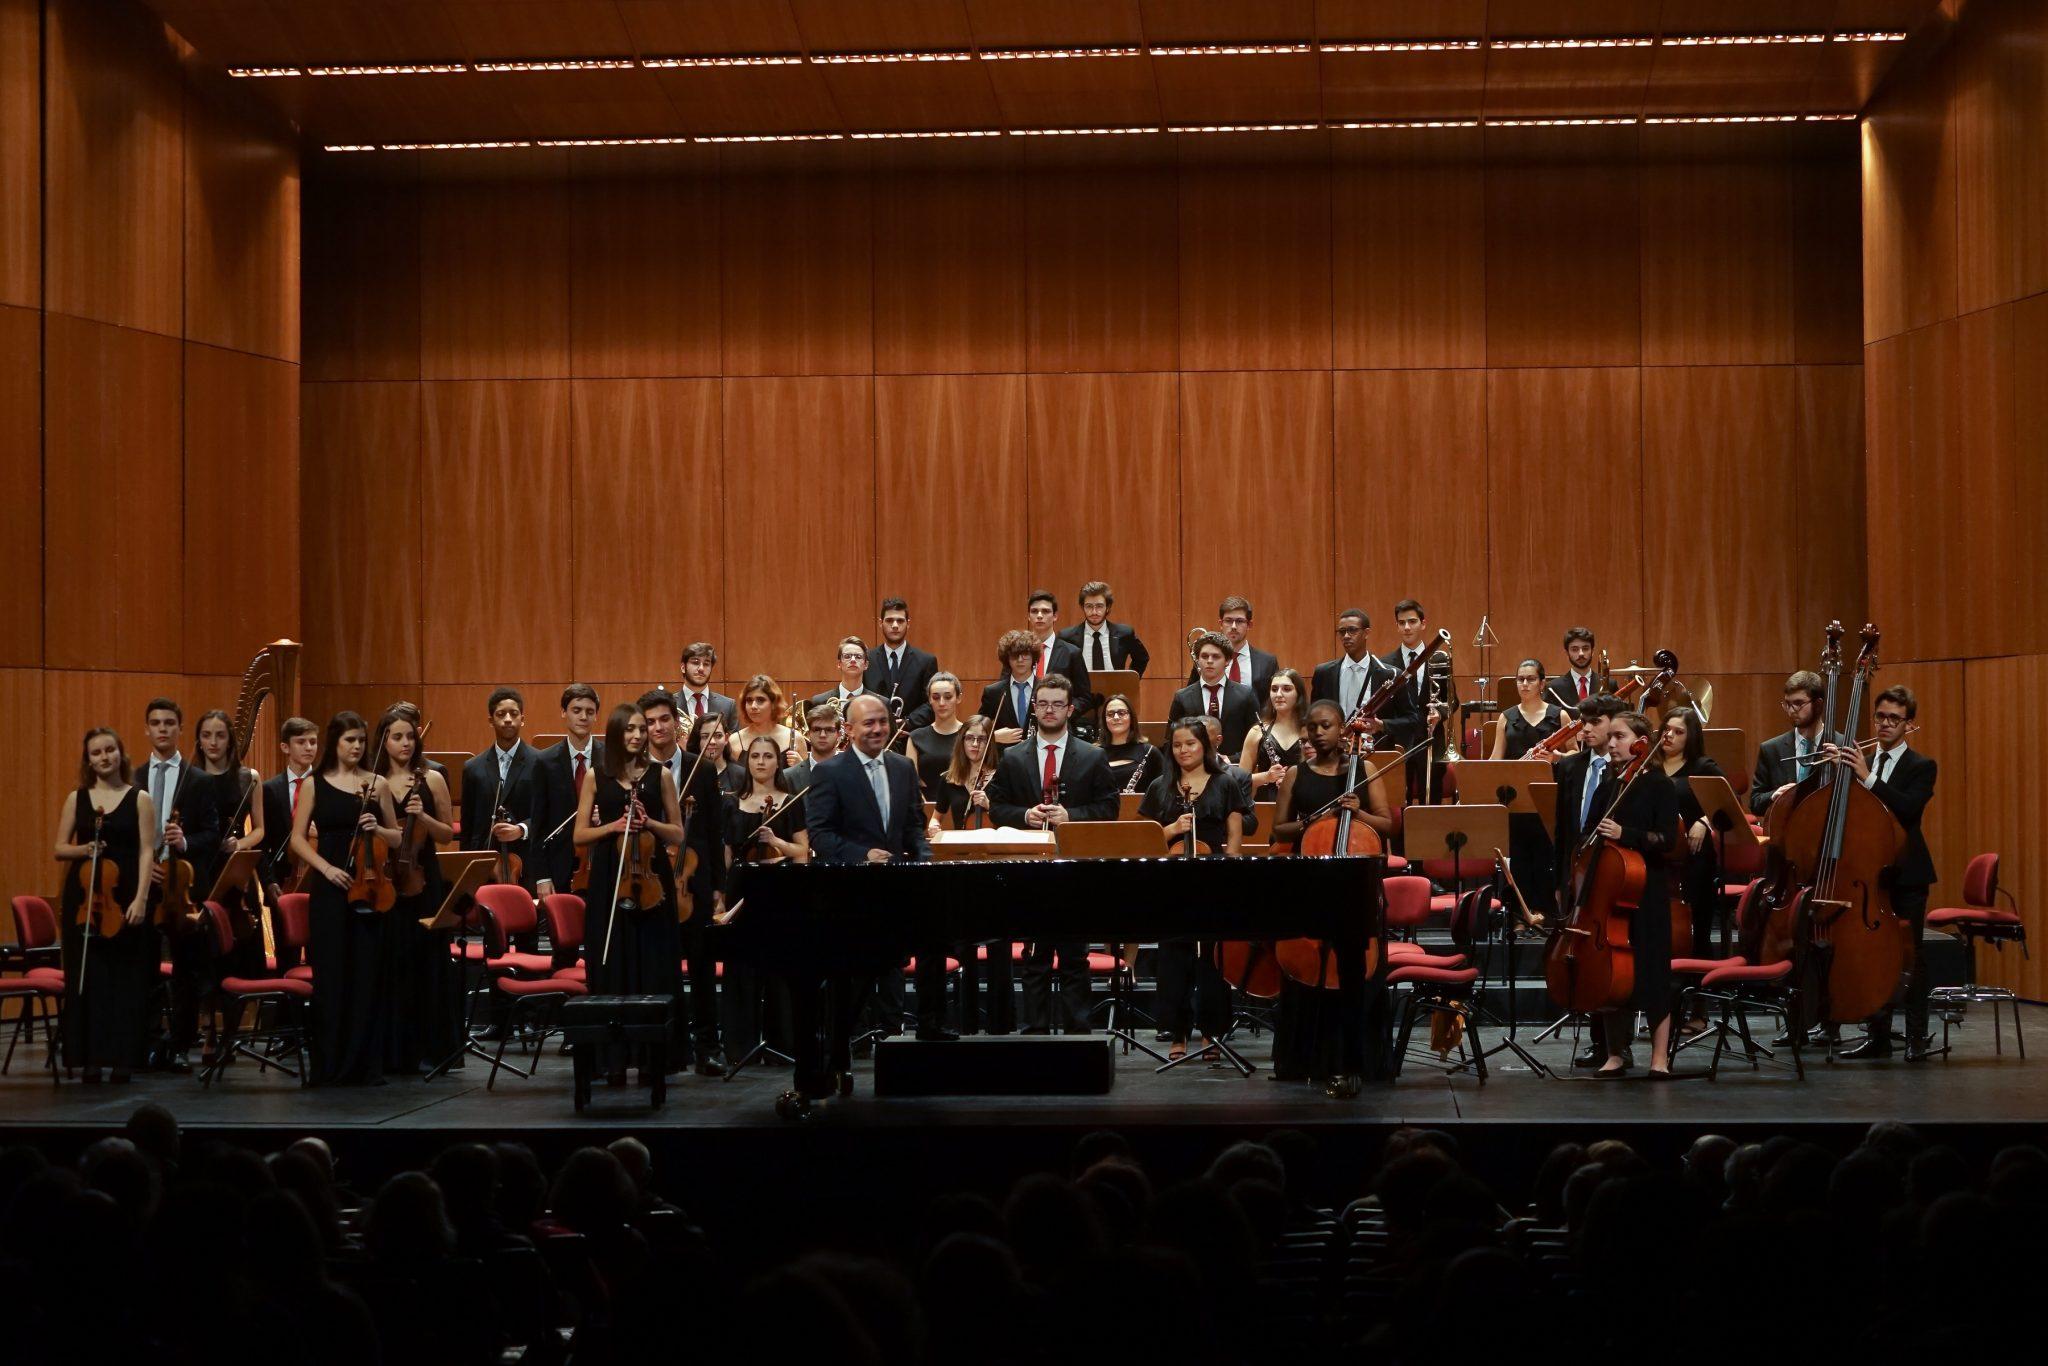 Músicos da Orquestra Clássica Metropolitana no palco da Sala Luis Miguel Cintra, Teatro São Luiz